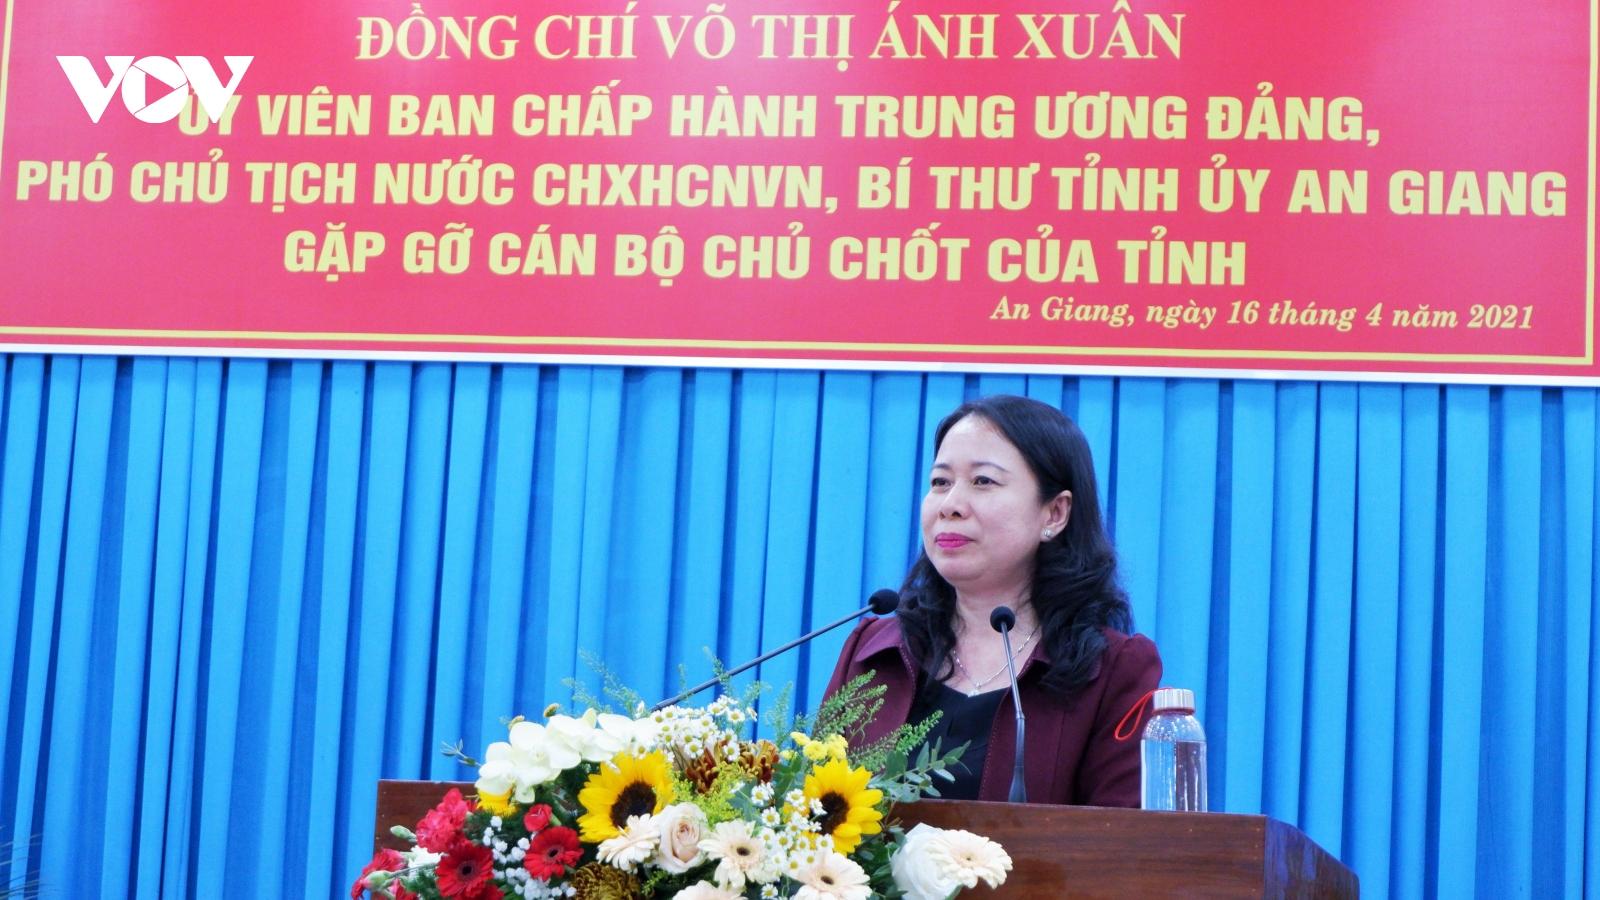 Phó Chủ tịch nước Võ Thị Ánh Xuân gặp mặt cán bộ chủ chốt tỉnh An Giang